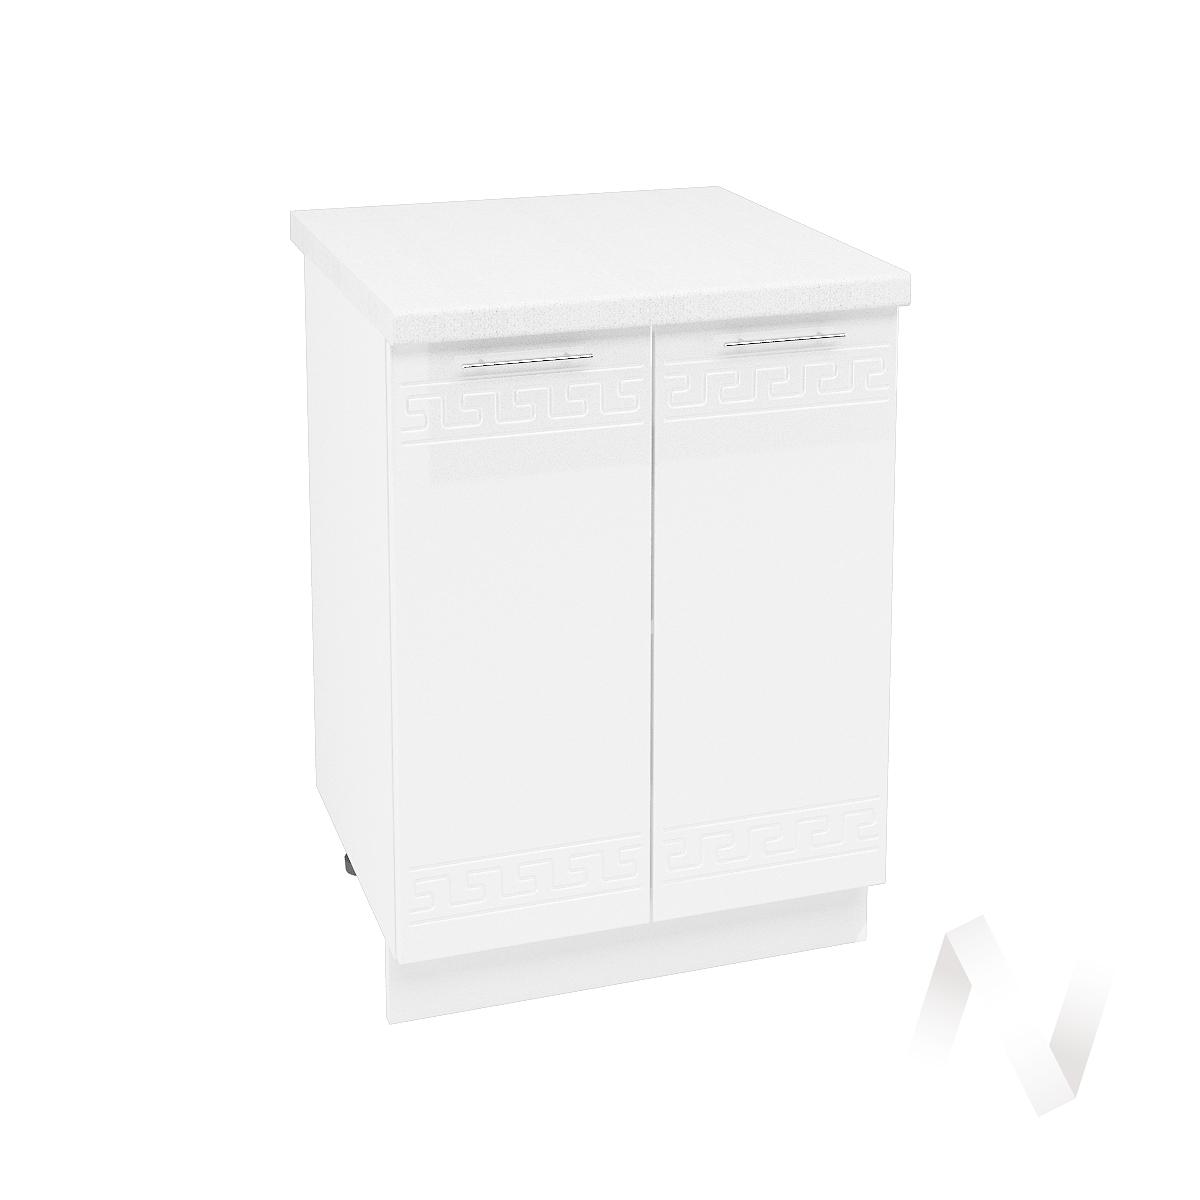 """Кухня """"Греция"""": Шкаф нижний 600, ШН 600 (белый металлик/корпус белый)"""